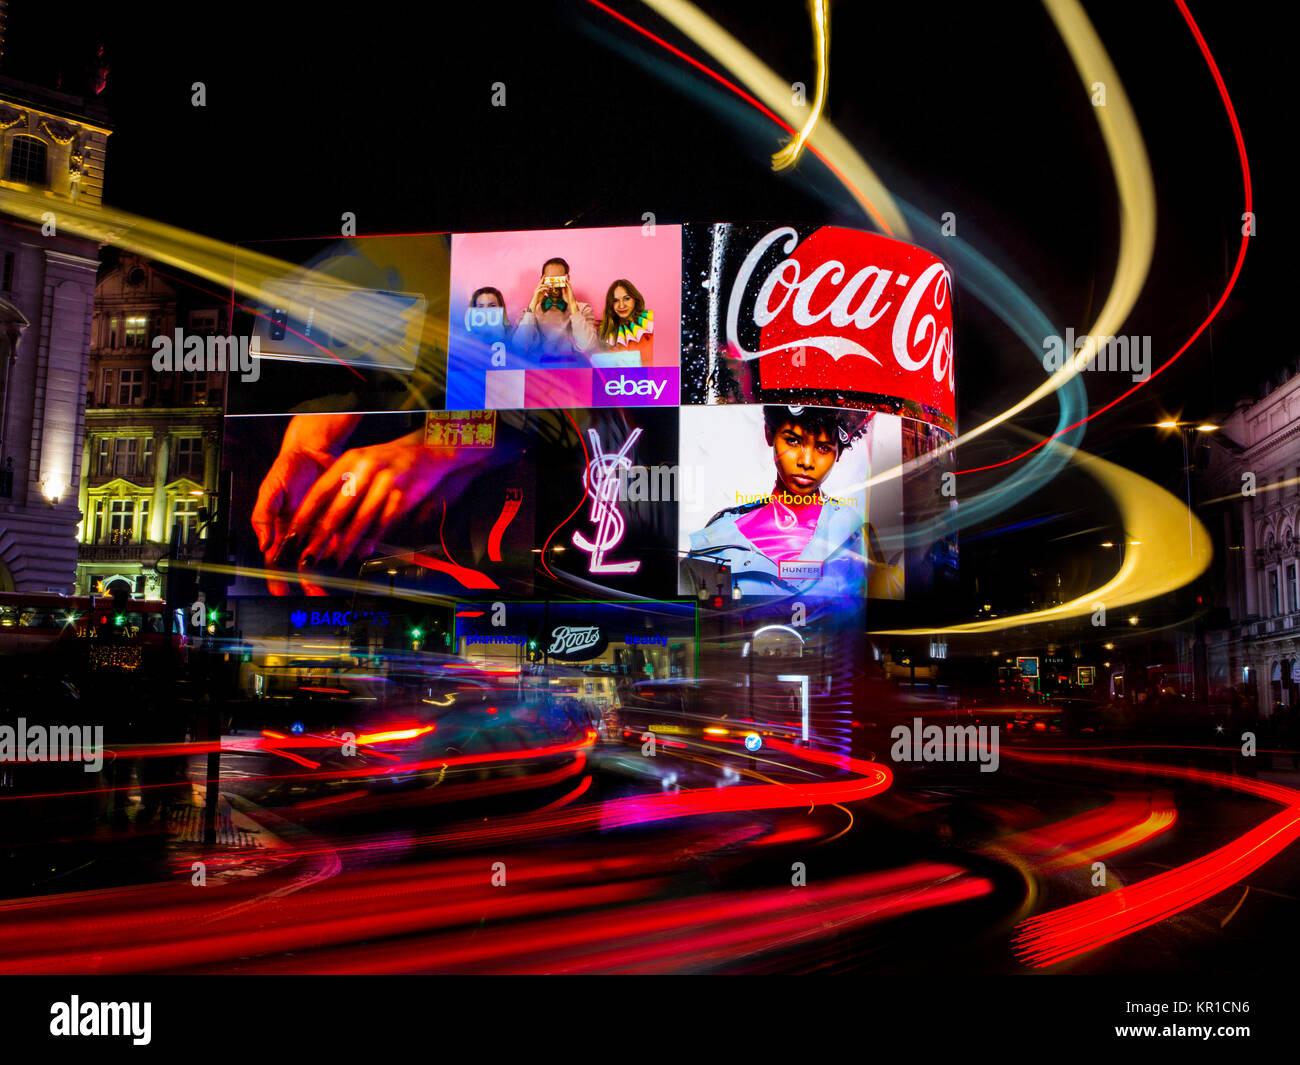 Wild Lichter auf die ständig überfüllten Piccadilly Circus mit dem Auto Lichter und Werbetafeln Beleuchtung Stockbild